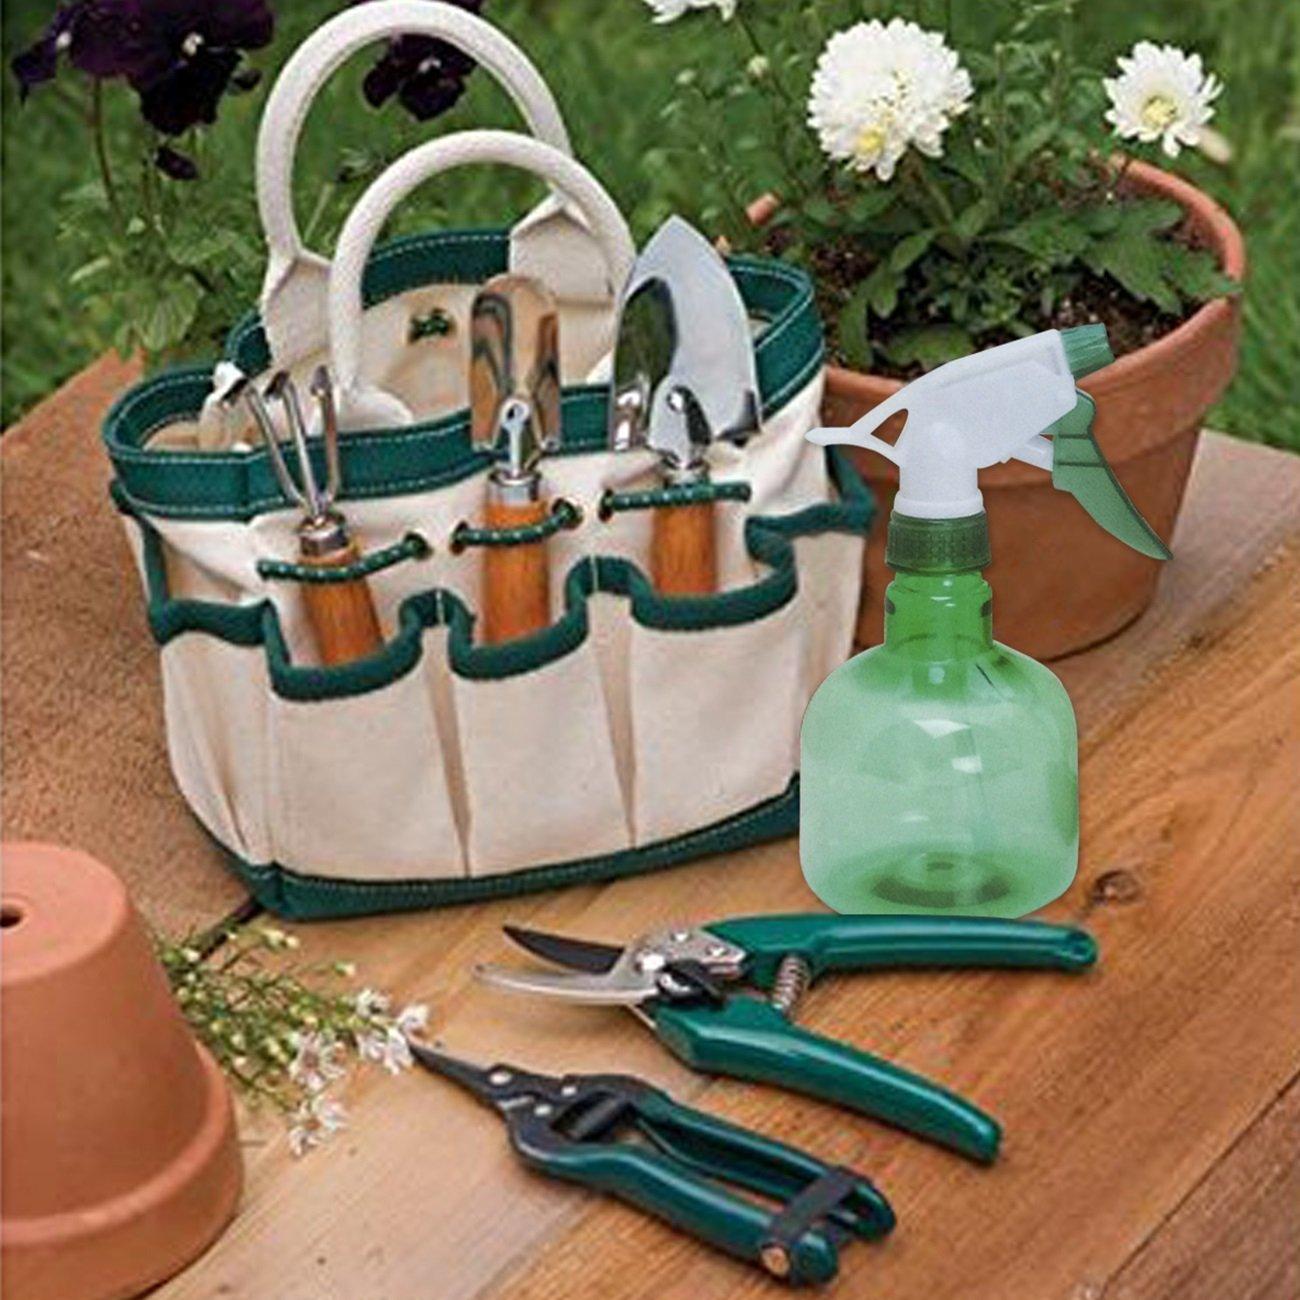 Amazoncom Wrapables Indoor Gardening Tool Set Garden Outdoor